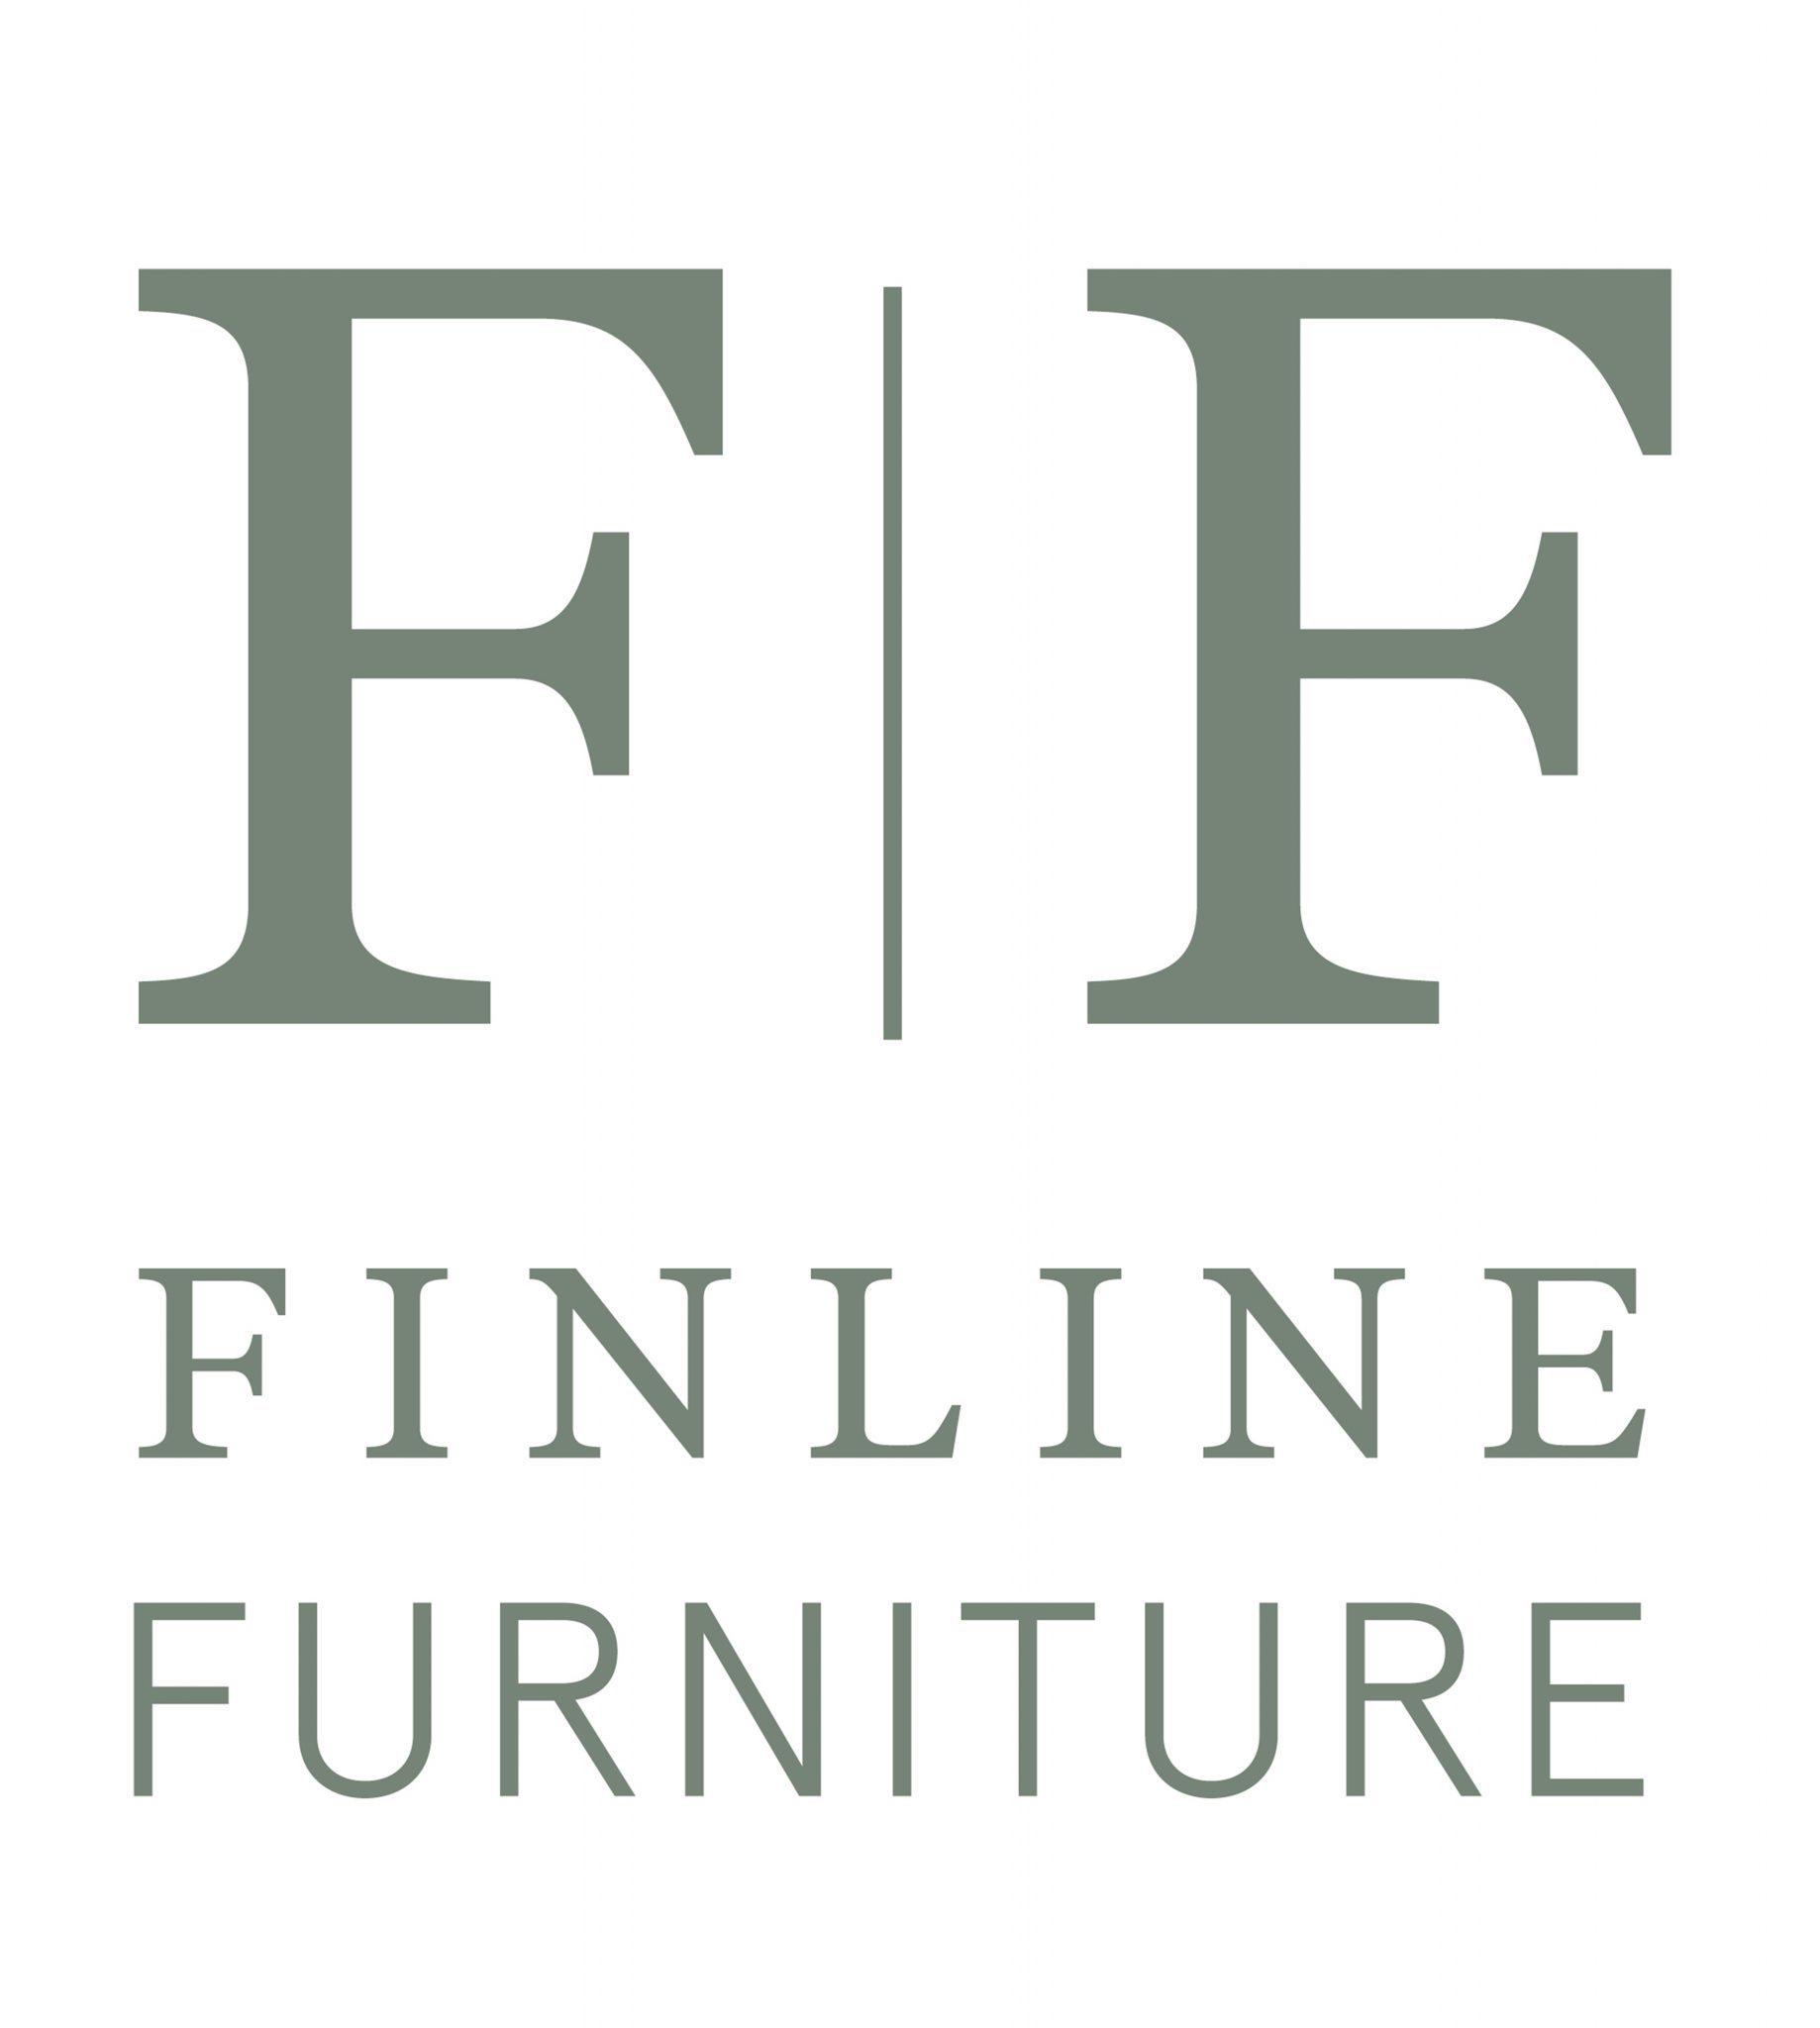 Finline Furniture Logo